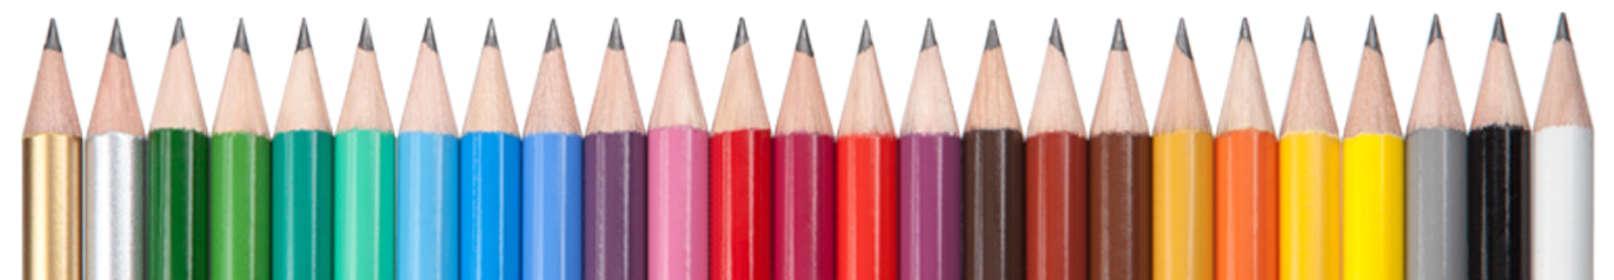 Reidinger, Bleistift, Bleistifte, Stifte, Werbe-Stift, Werbebleistift,